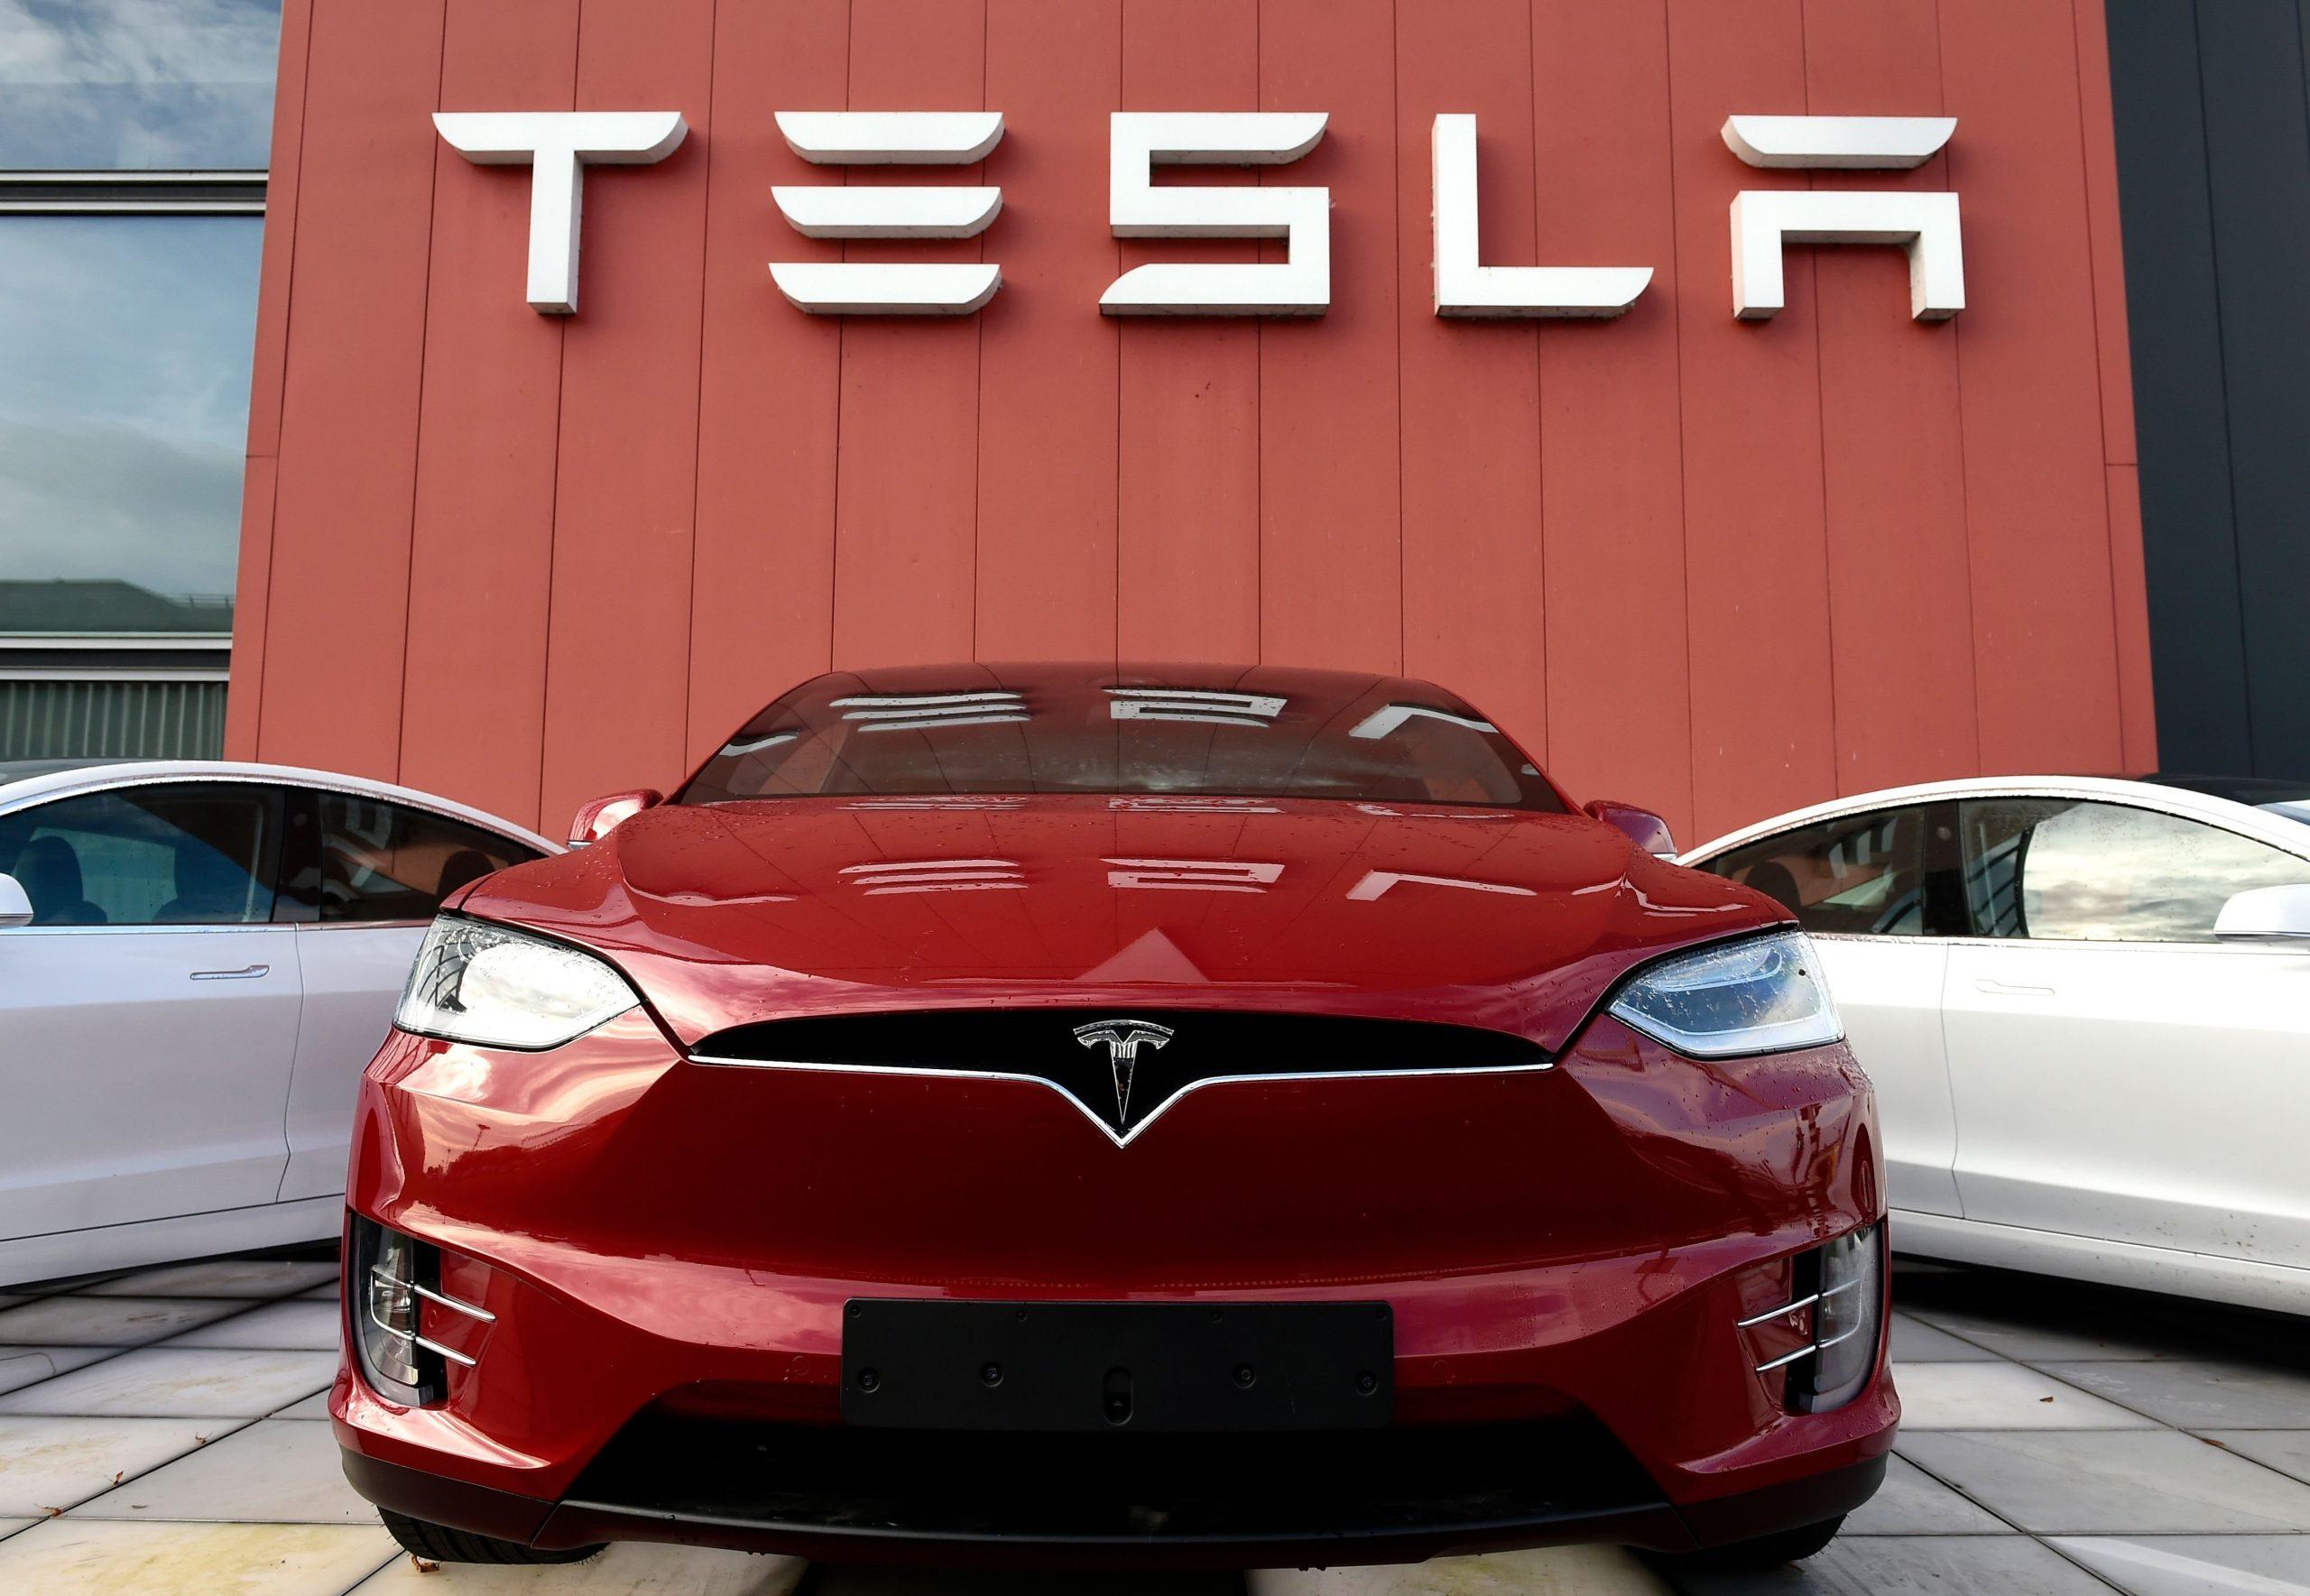 Registration for Tesla's electric car starts